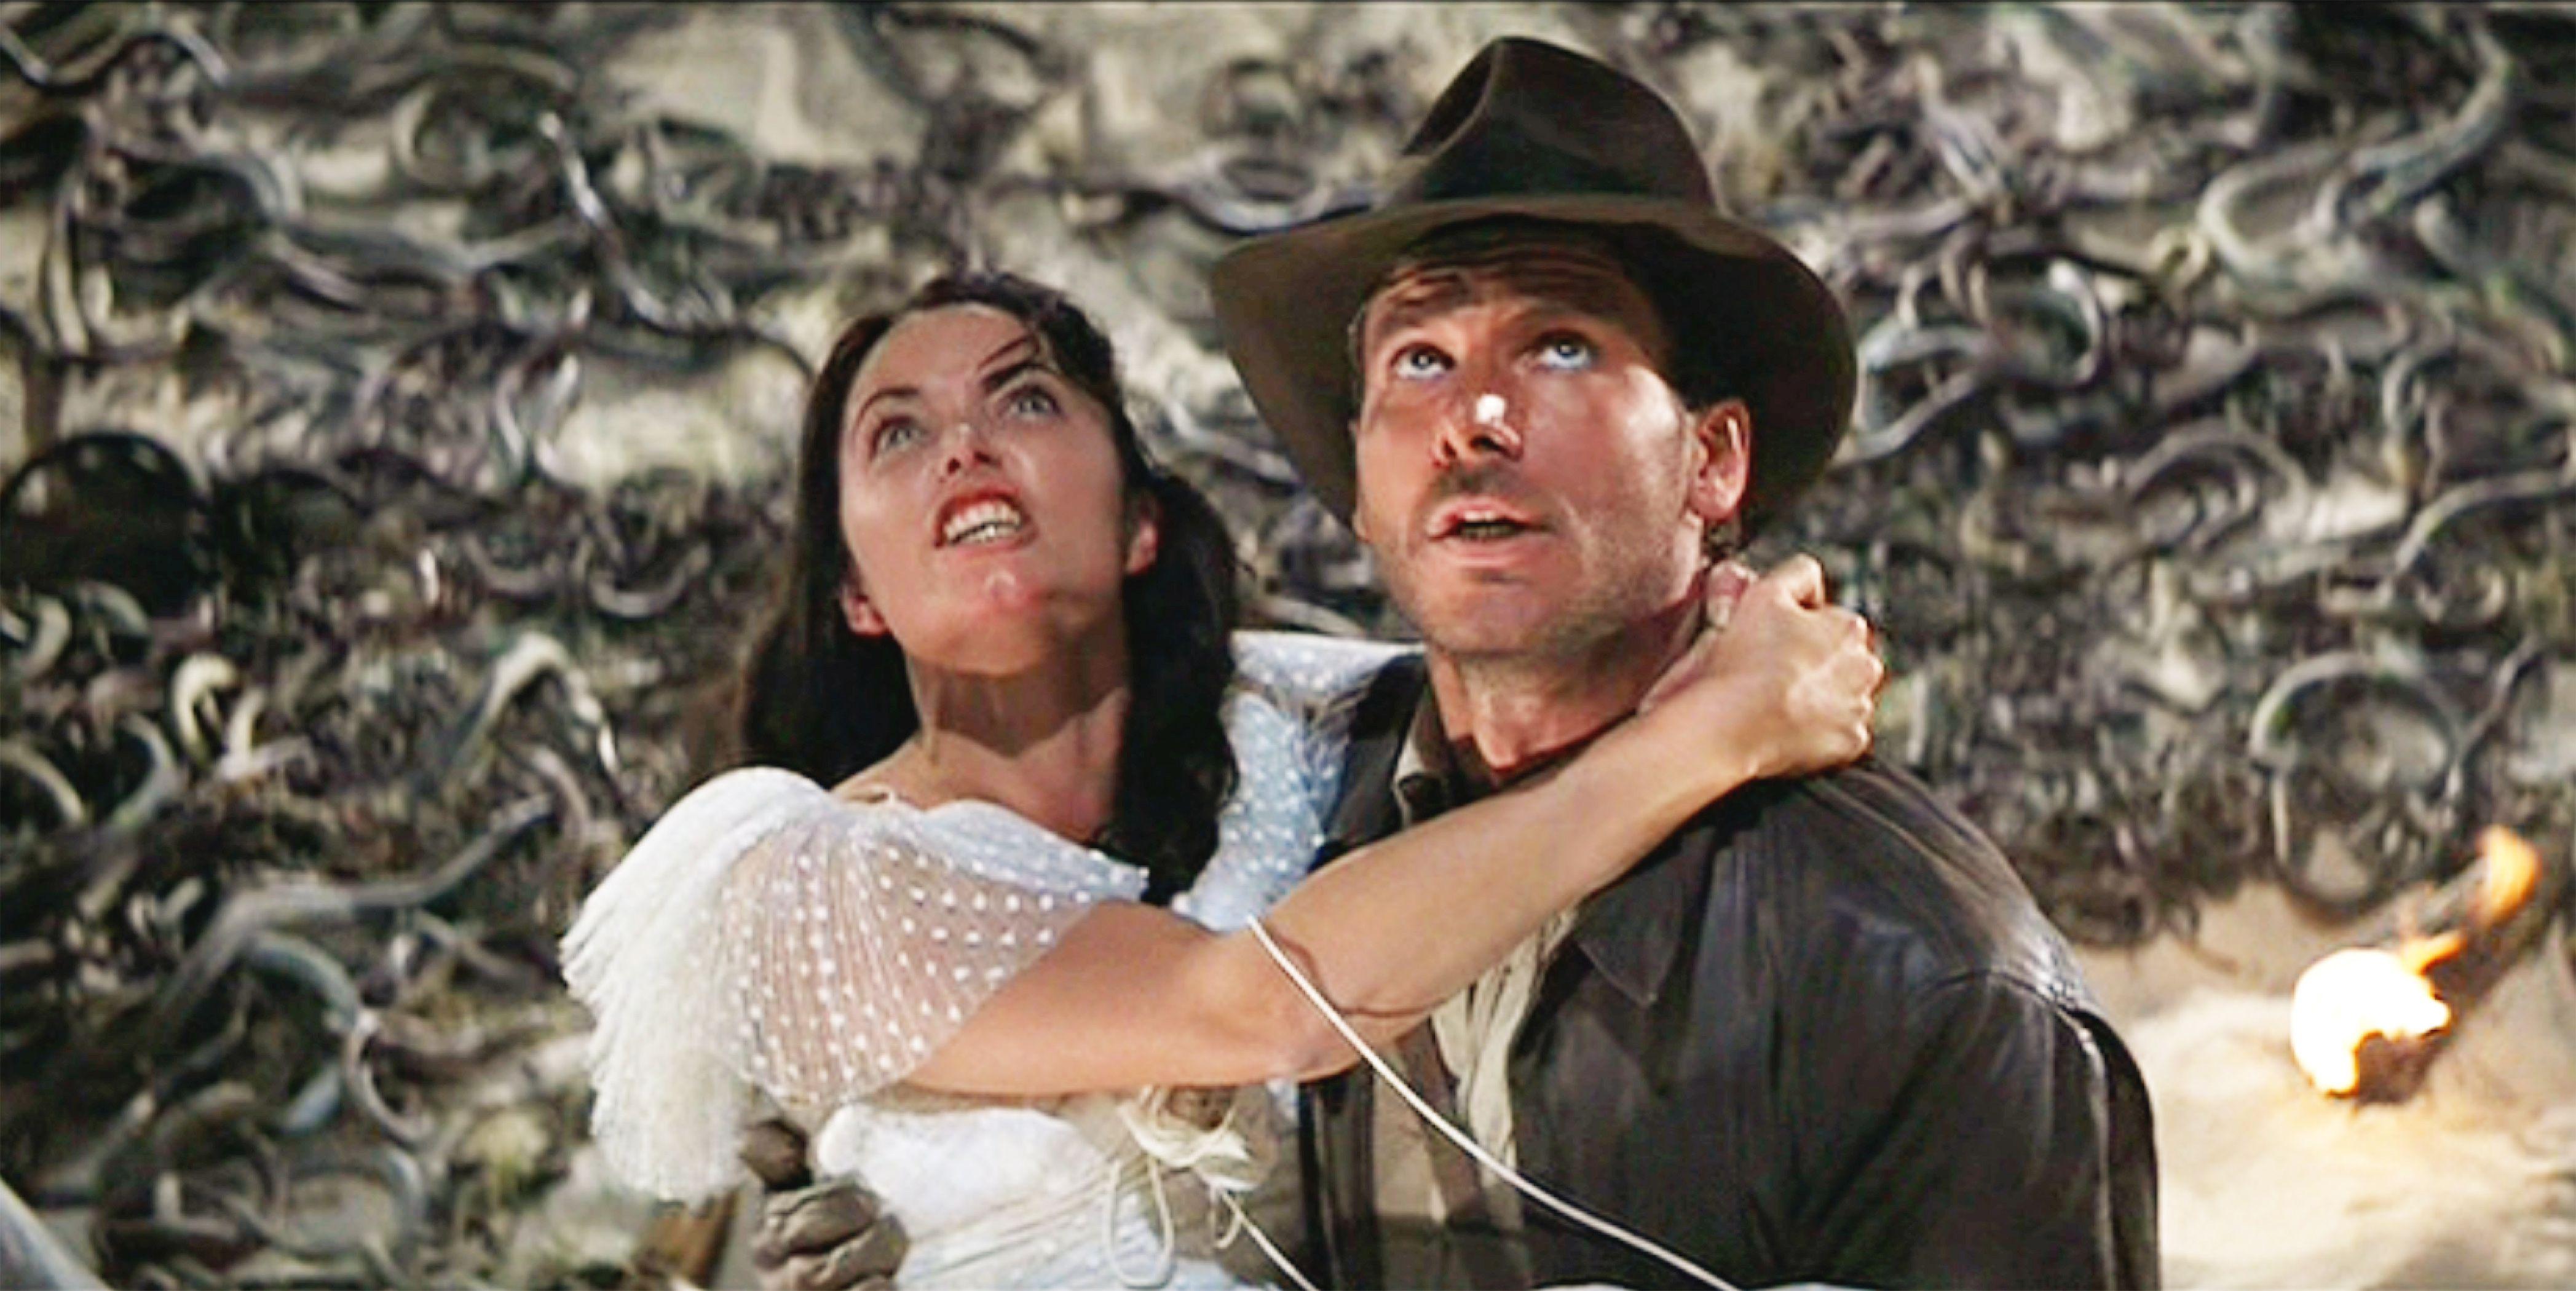 Indiana Jones 5 director shuts down trailer rumours